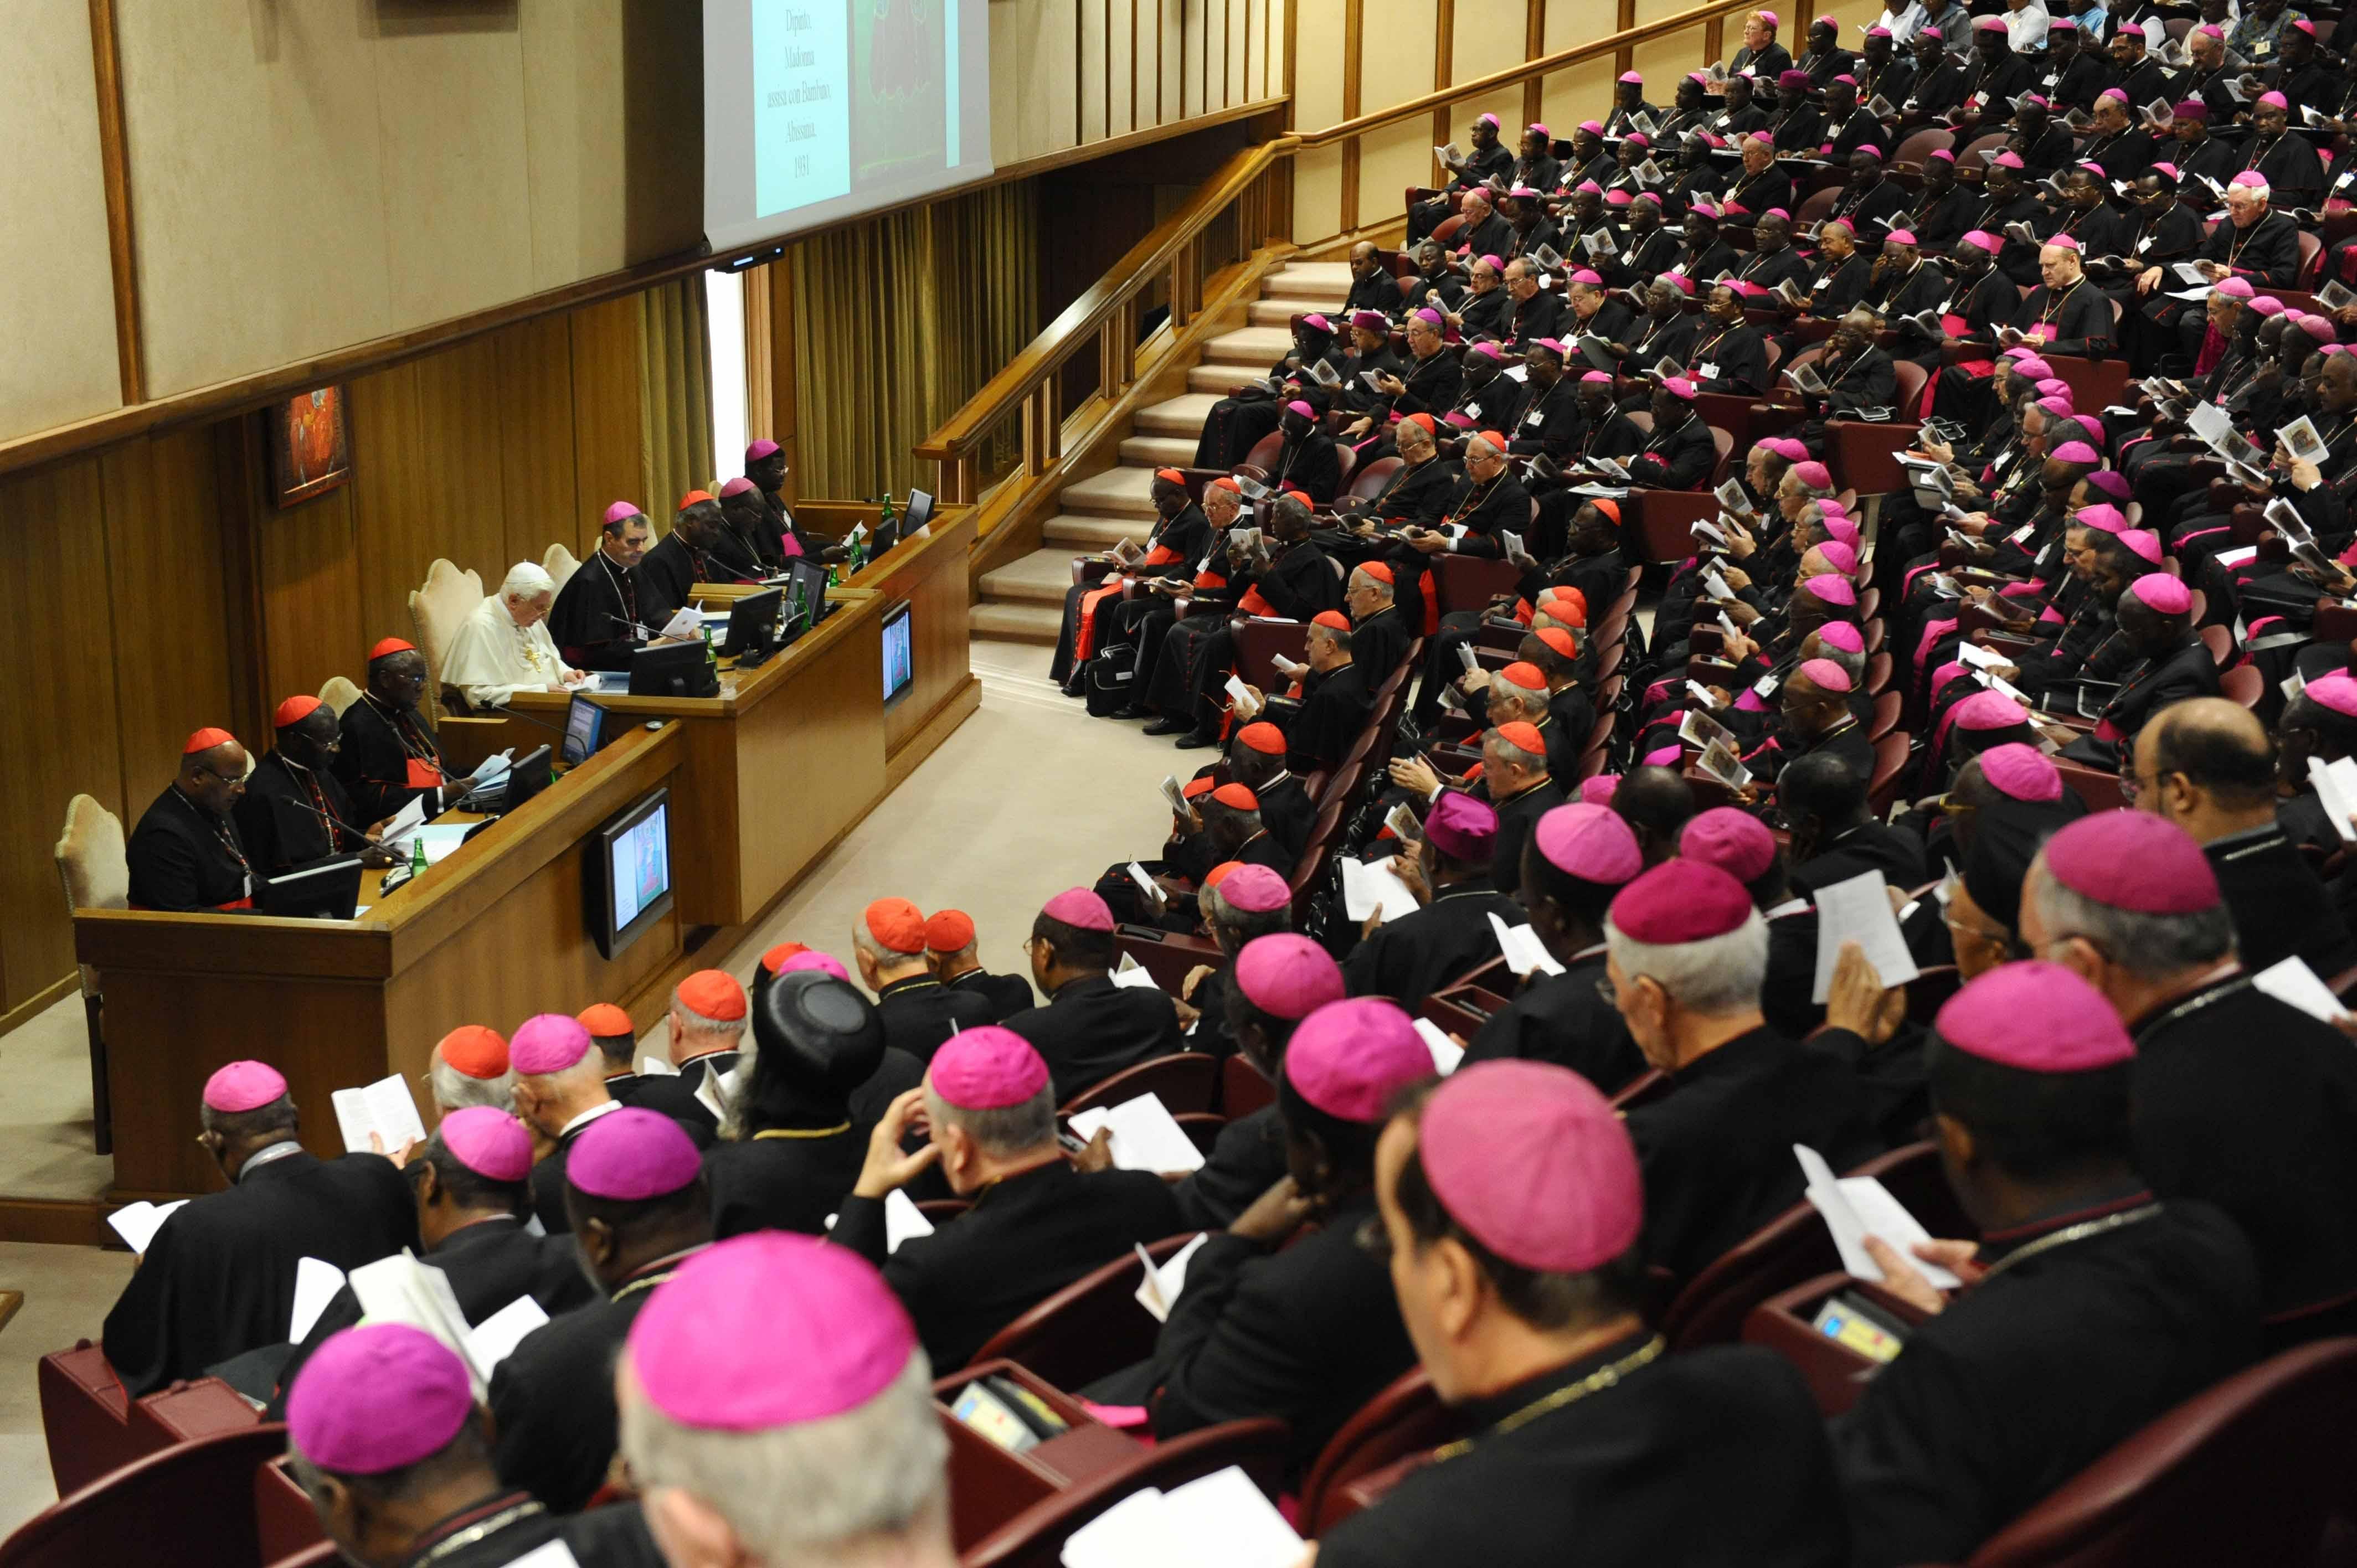 La svolta della Chiesa e l'affanno dei partiti